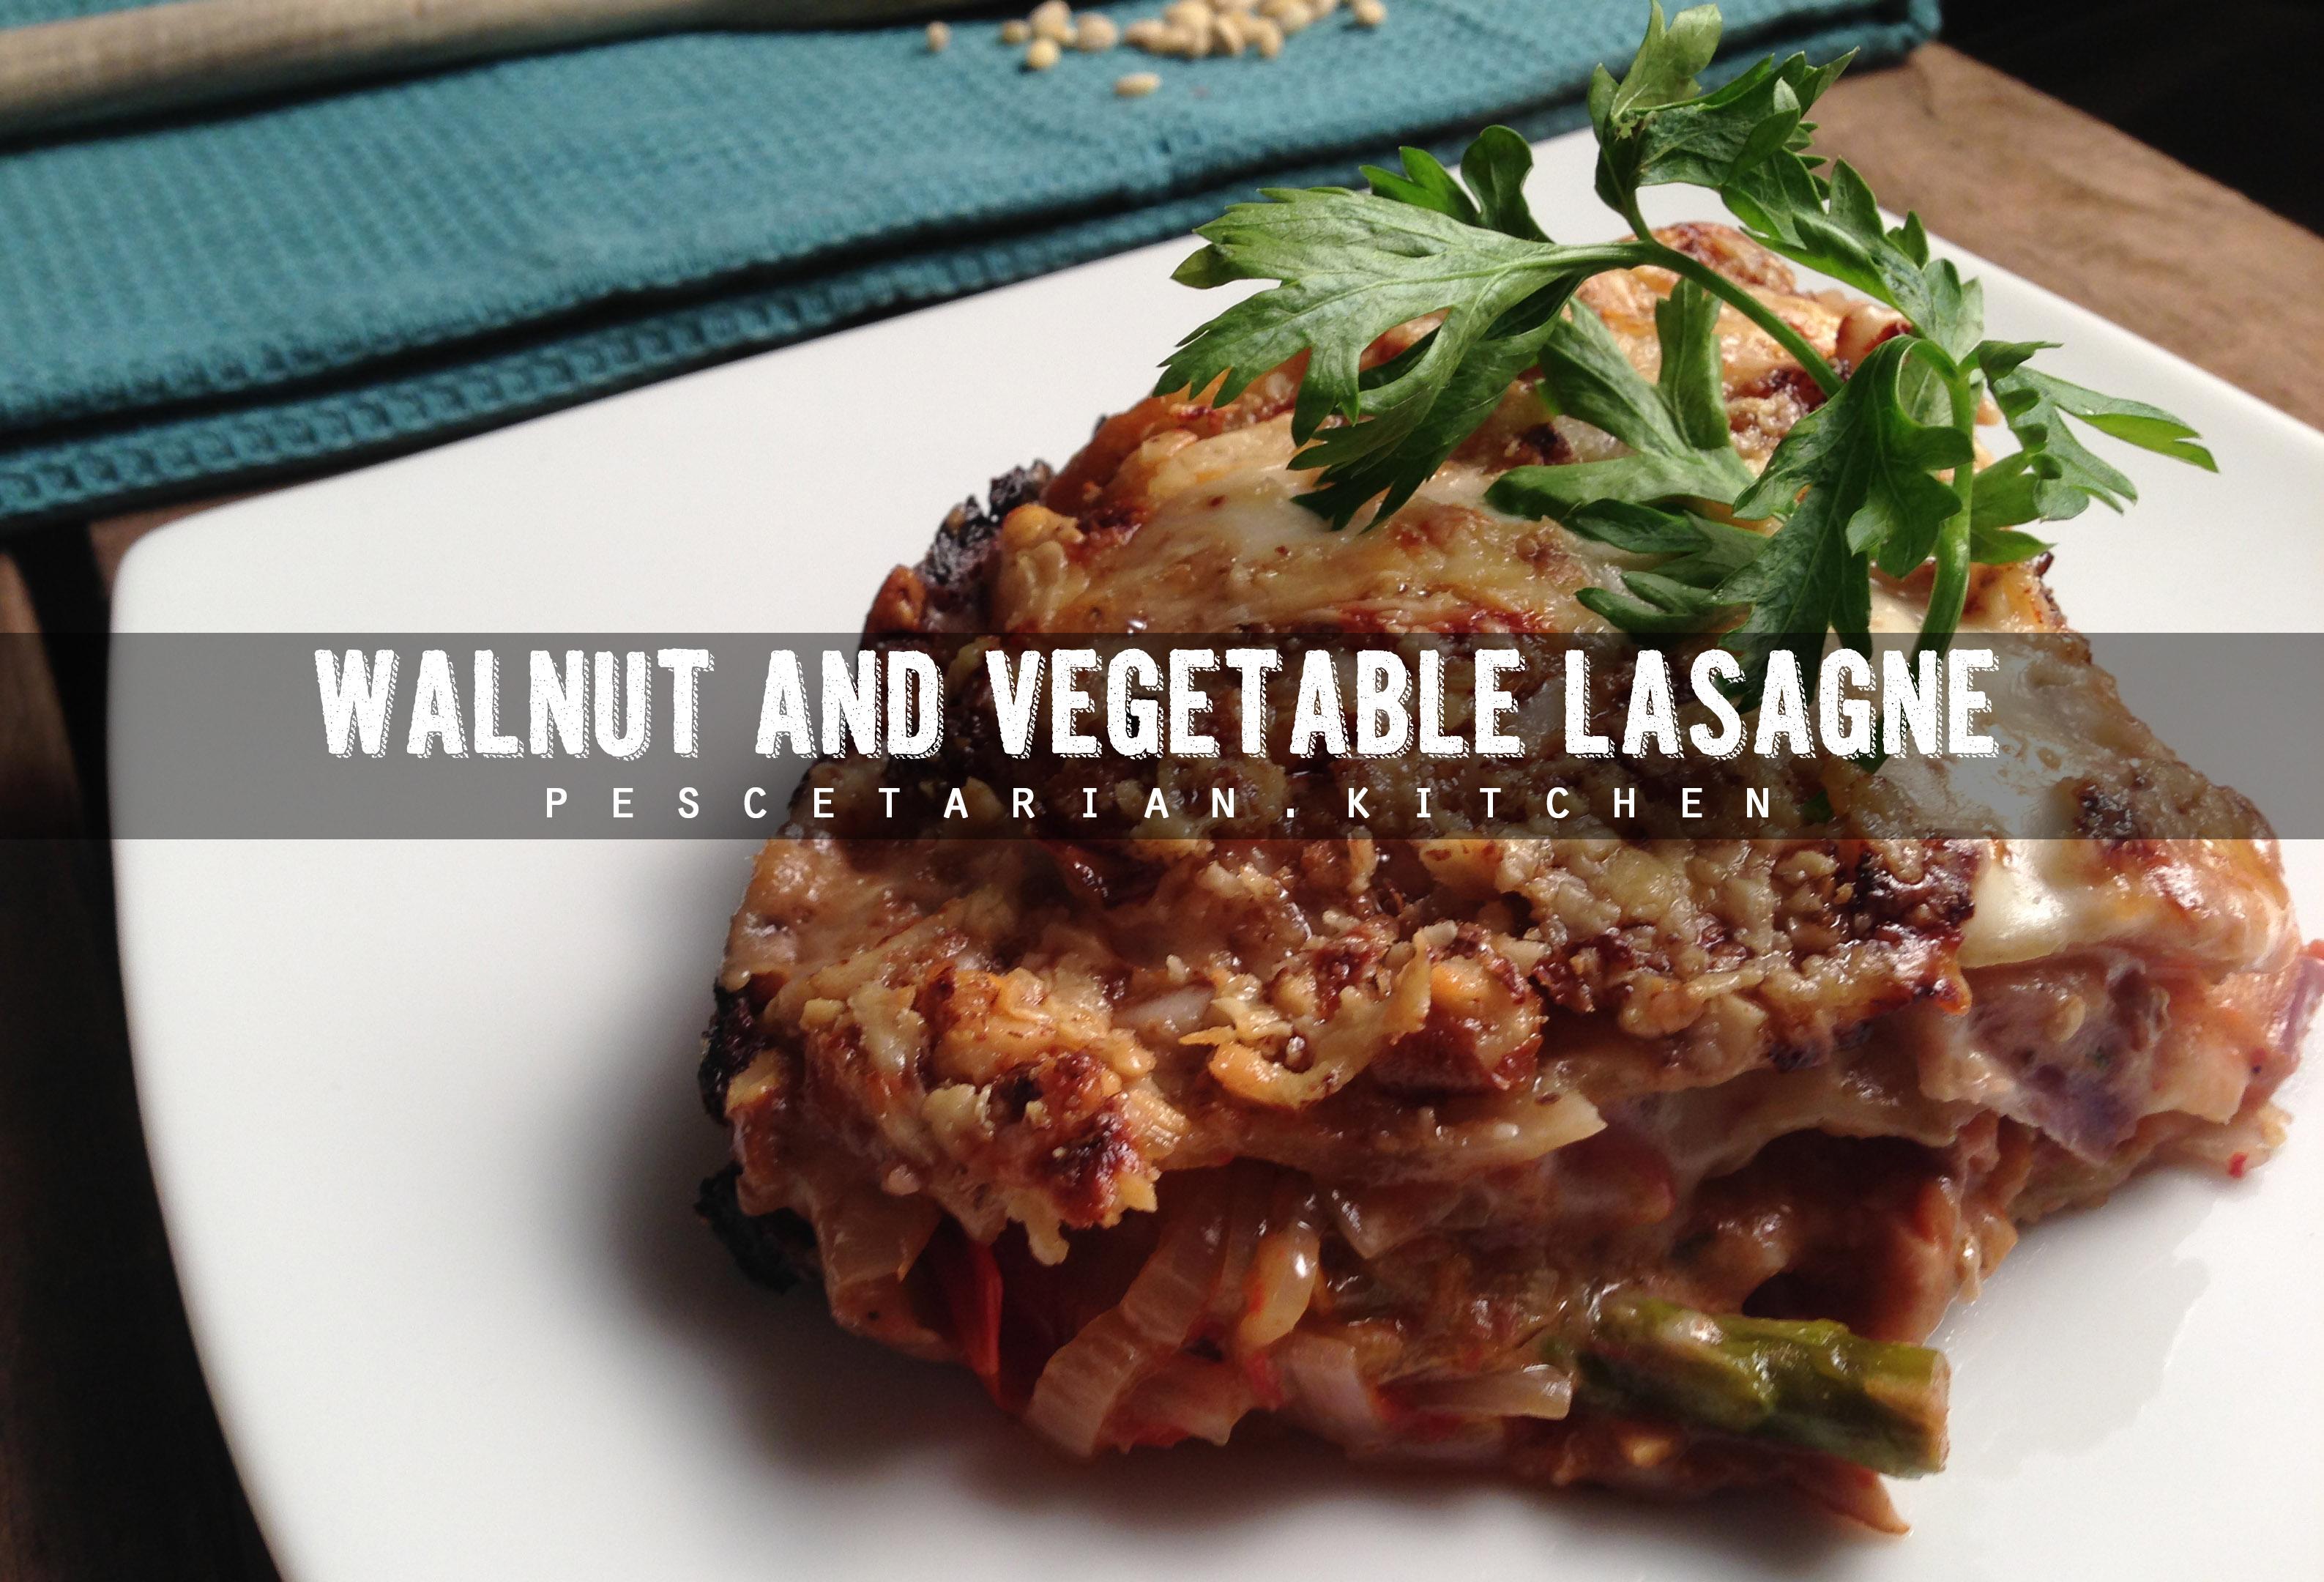 Walnut and Vegetable Lasagne